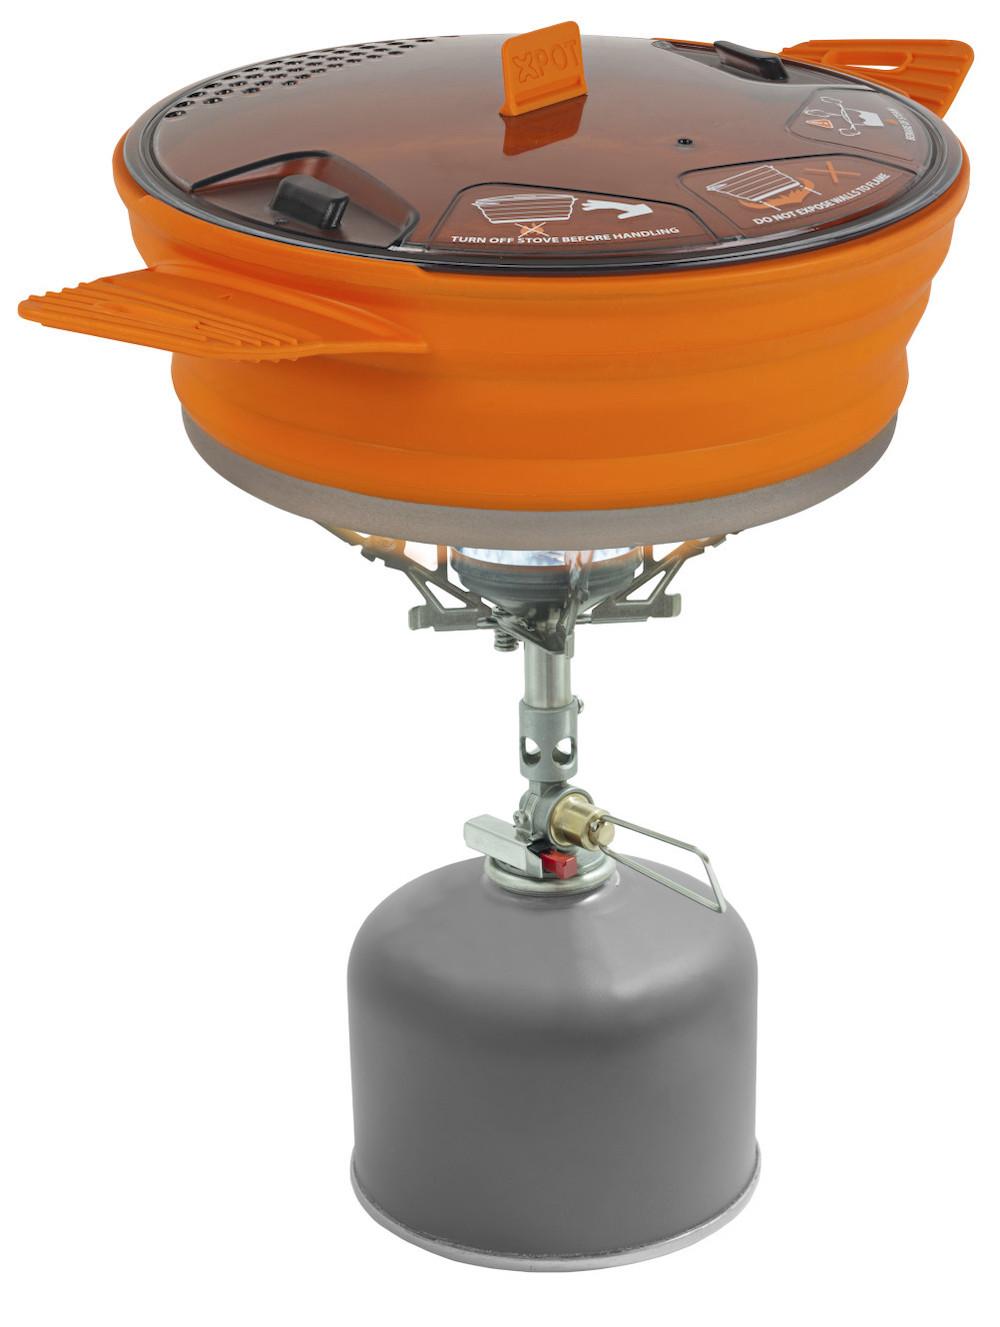 Sea to Summit - X-Pot 1.4 Orange, Detailansicht 3